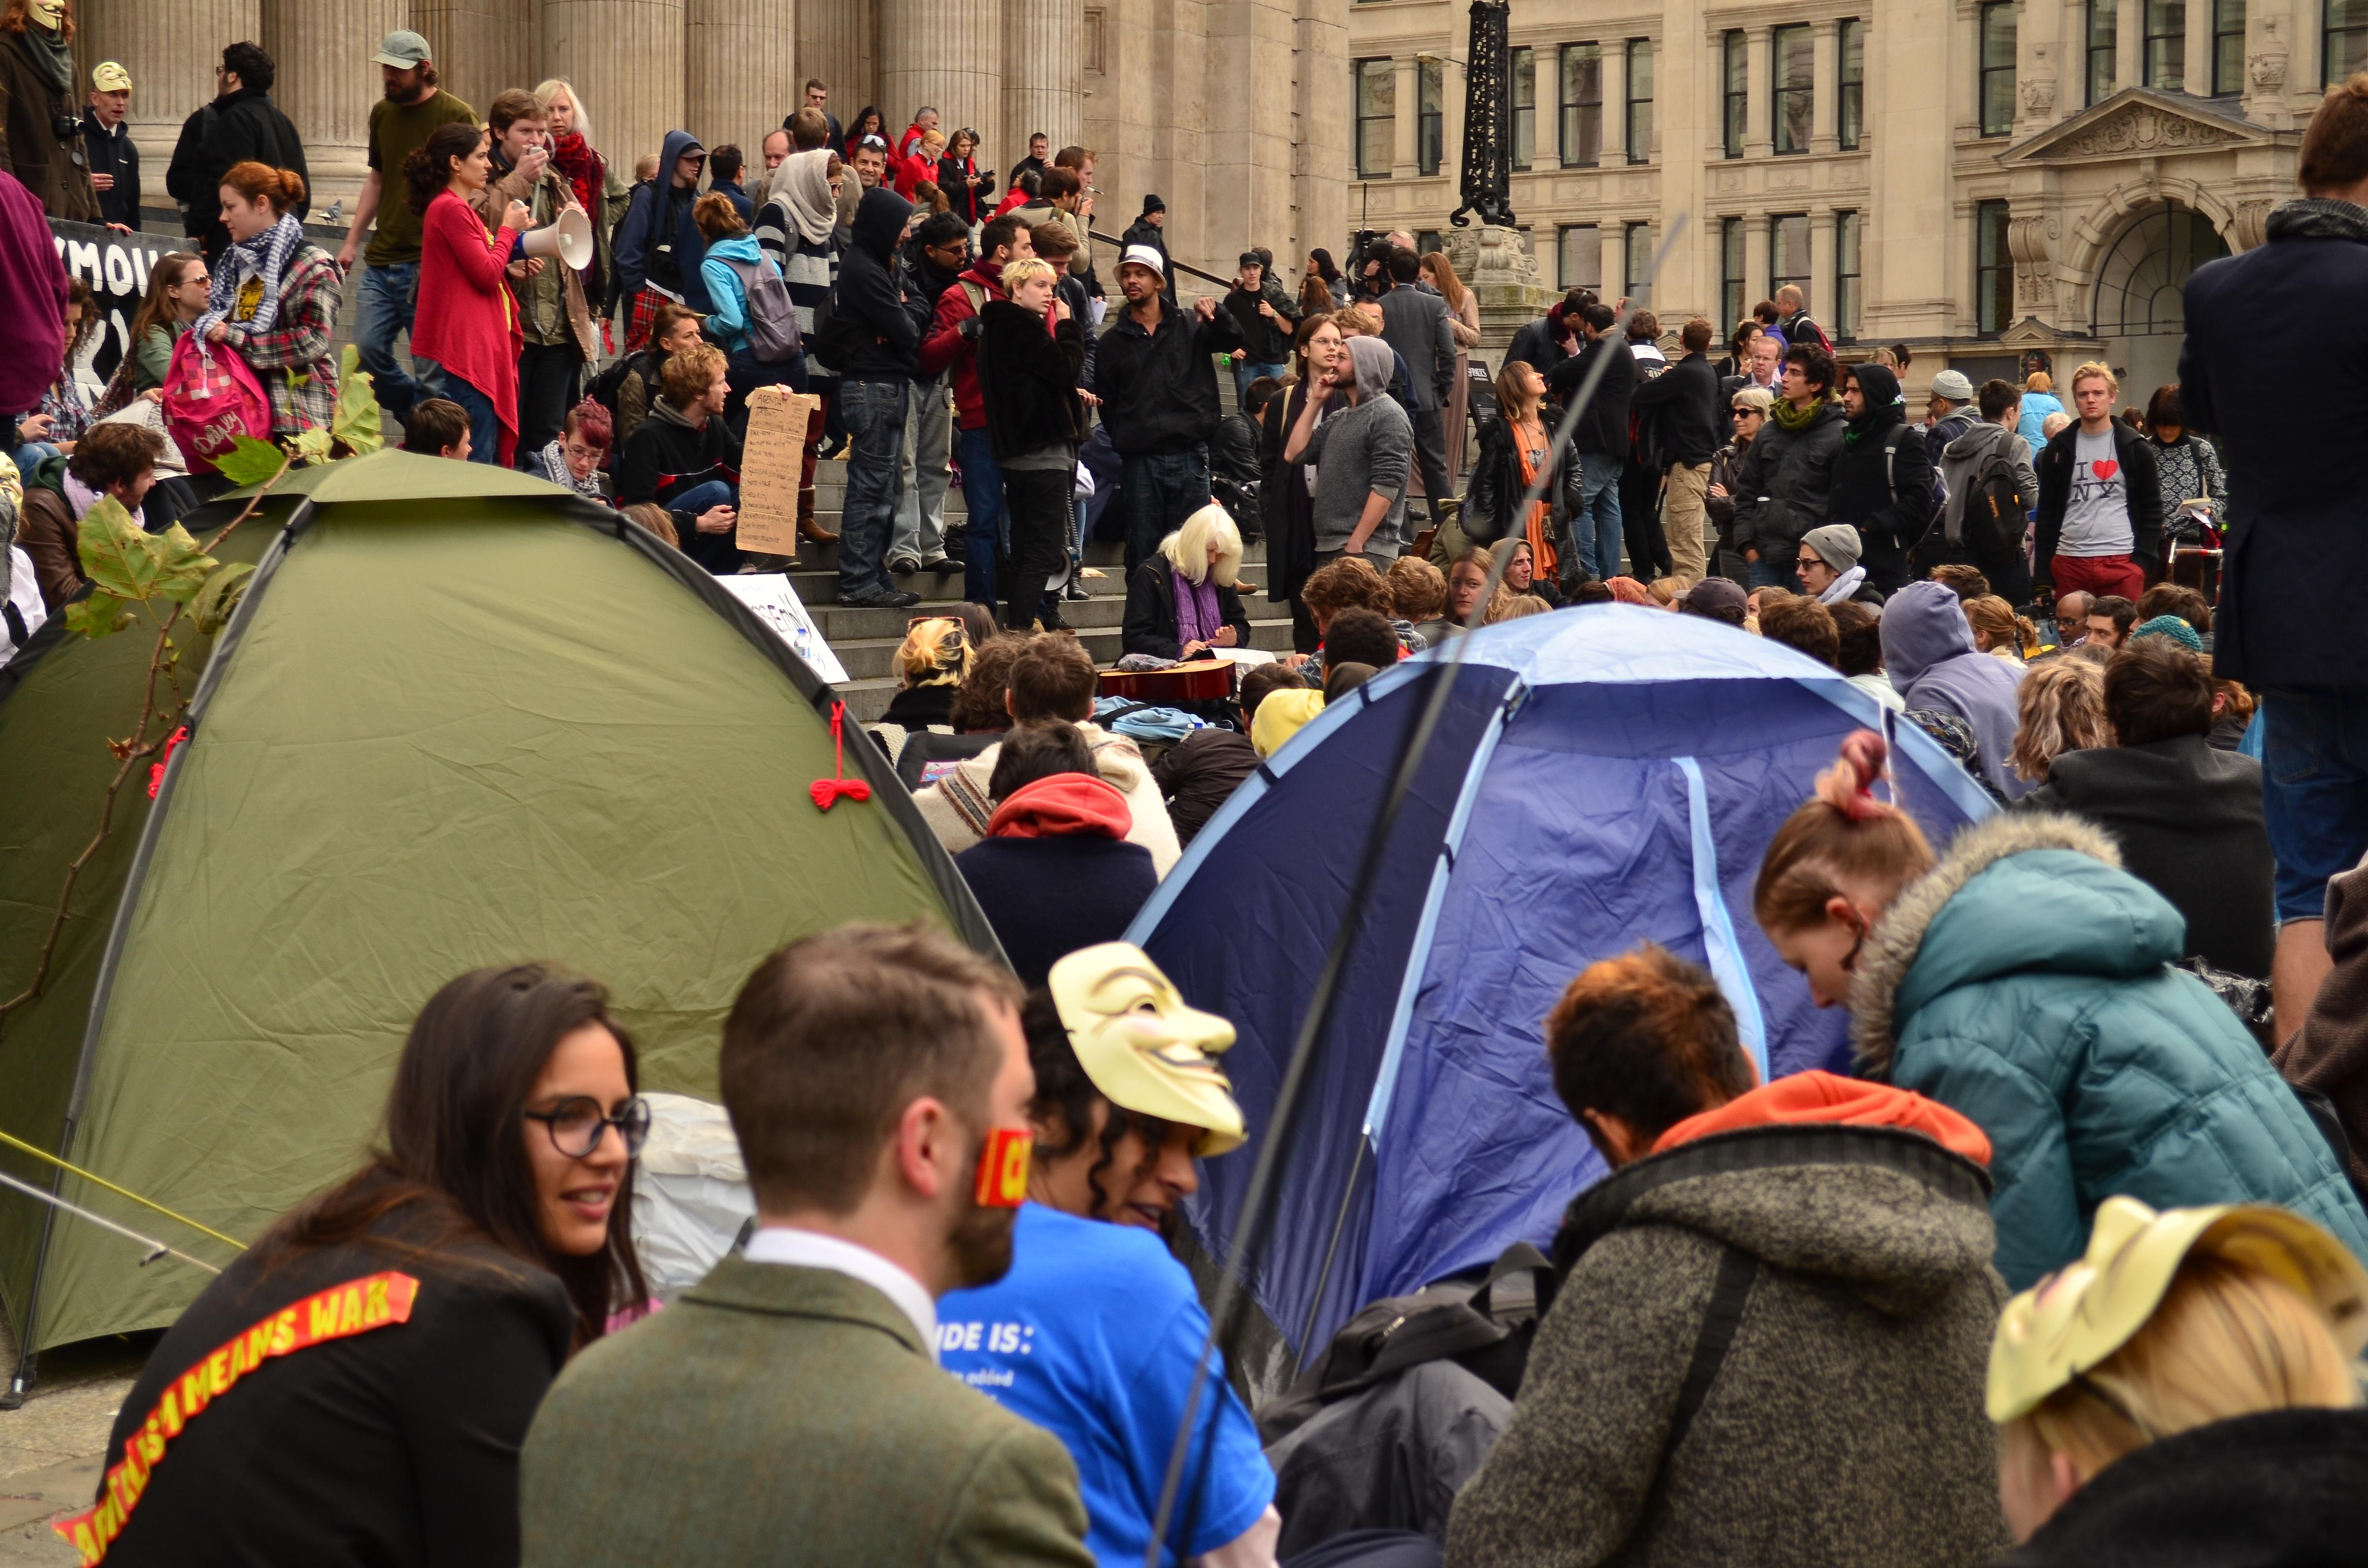 Occupy lsx 03 photo